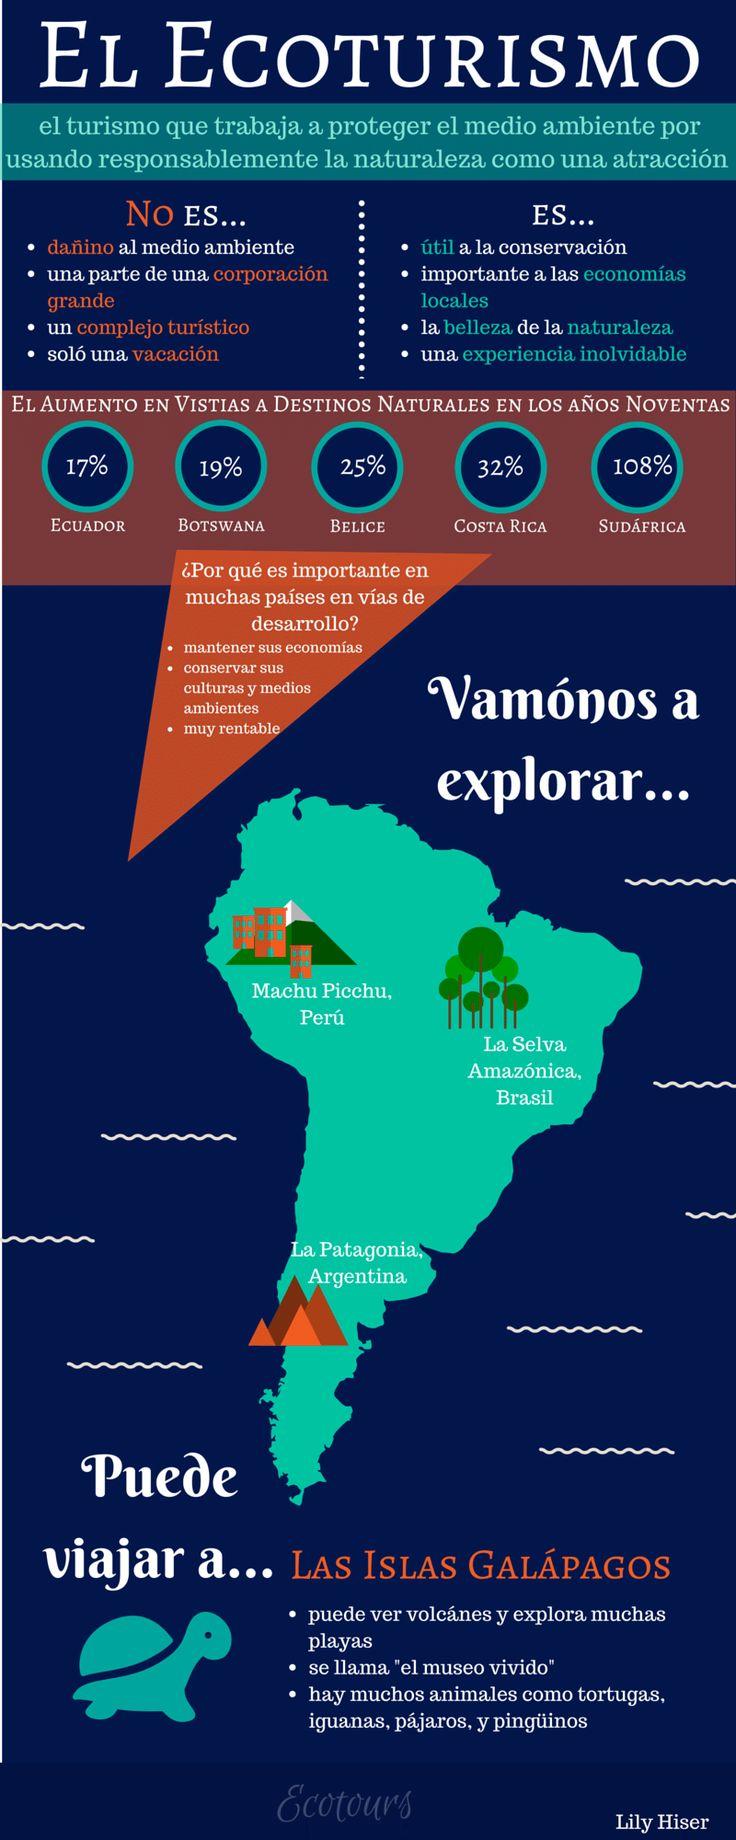 El Ecoturismo el turismo que trabaja a proteger el medio ambiente p...